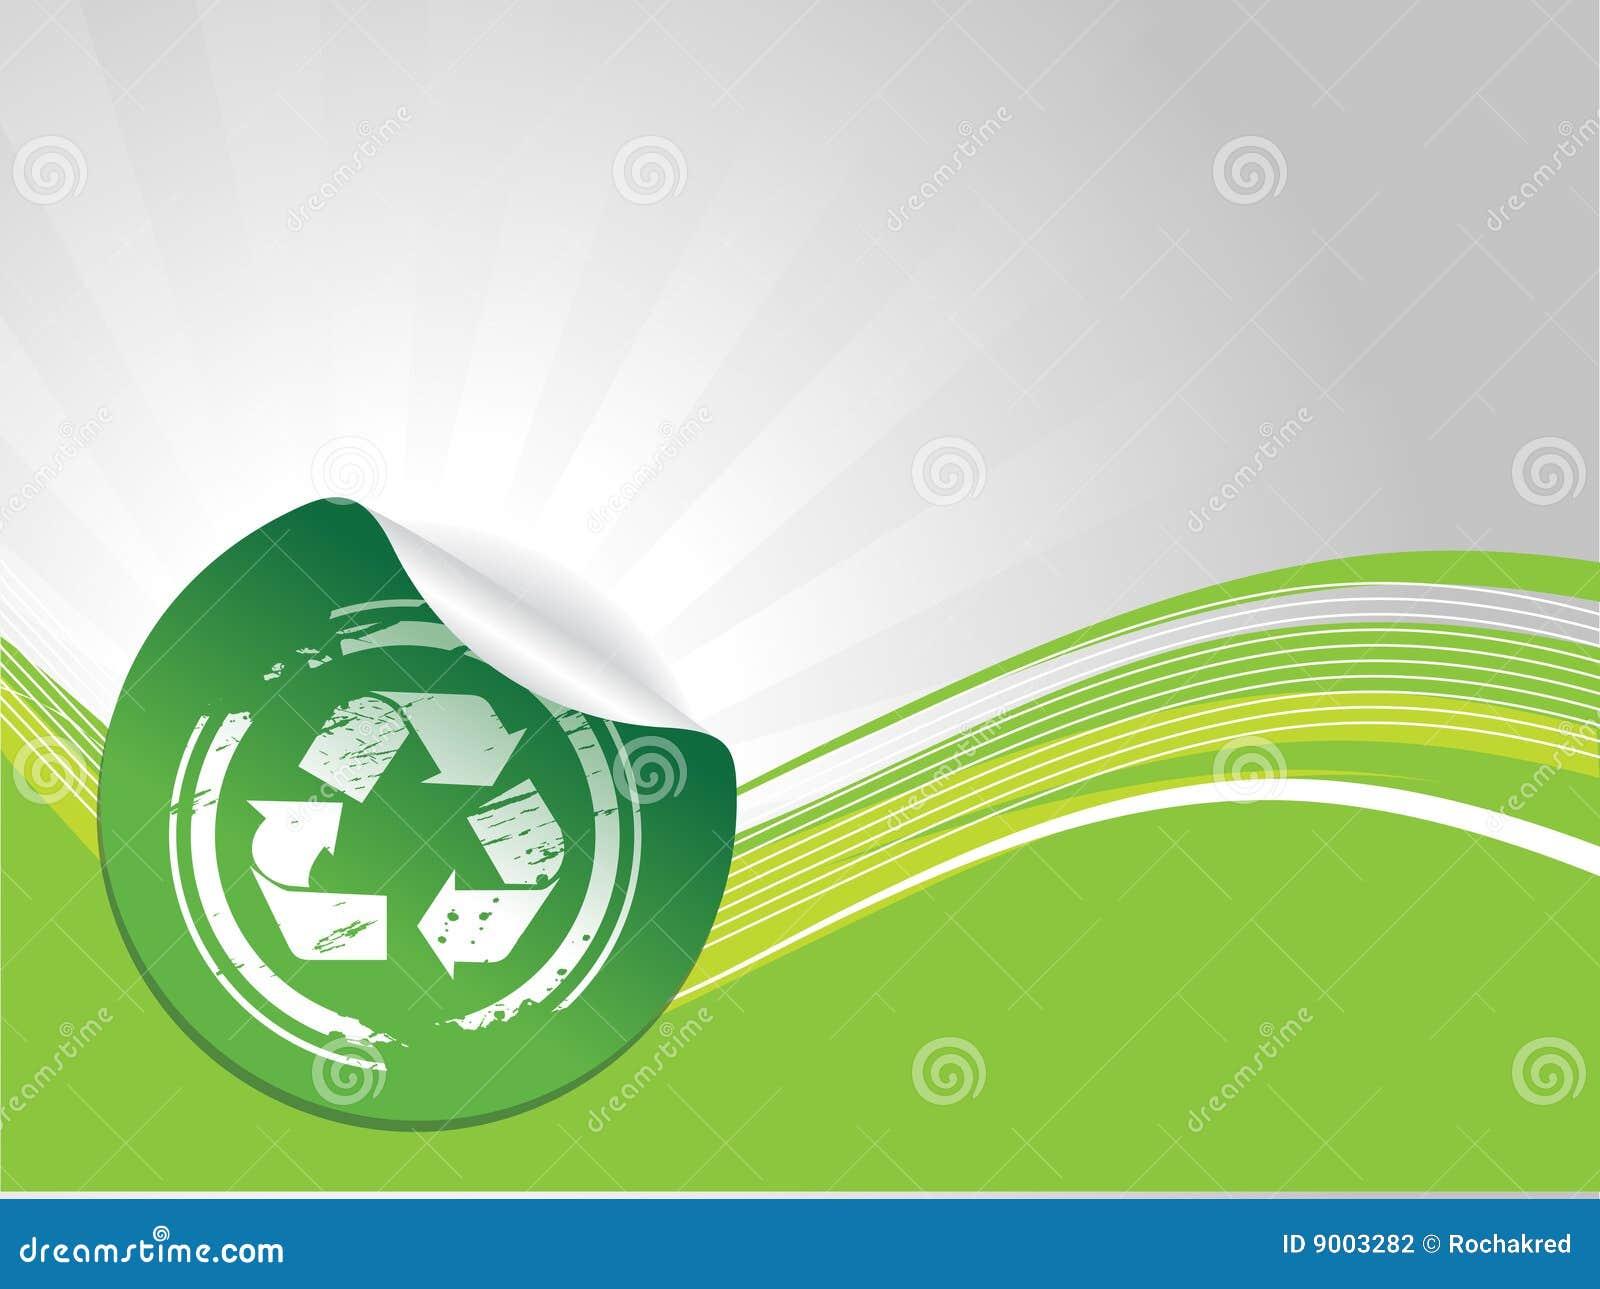 Grunge que recicl o símbolo